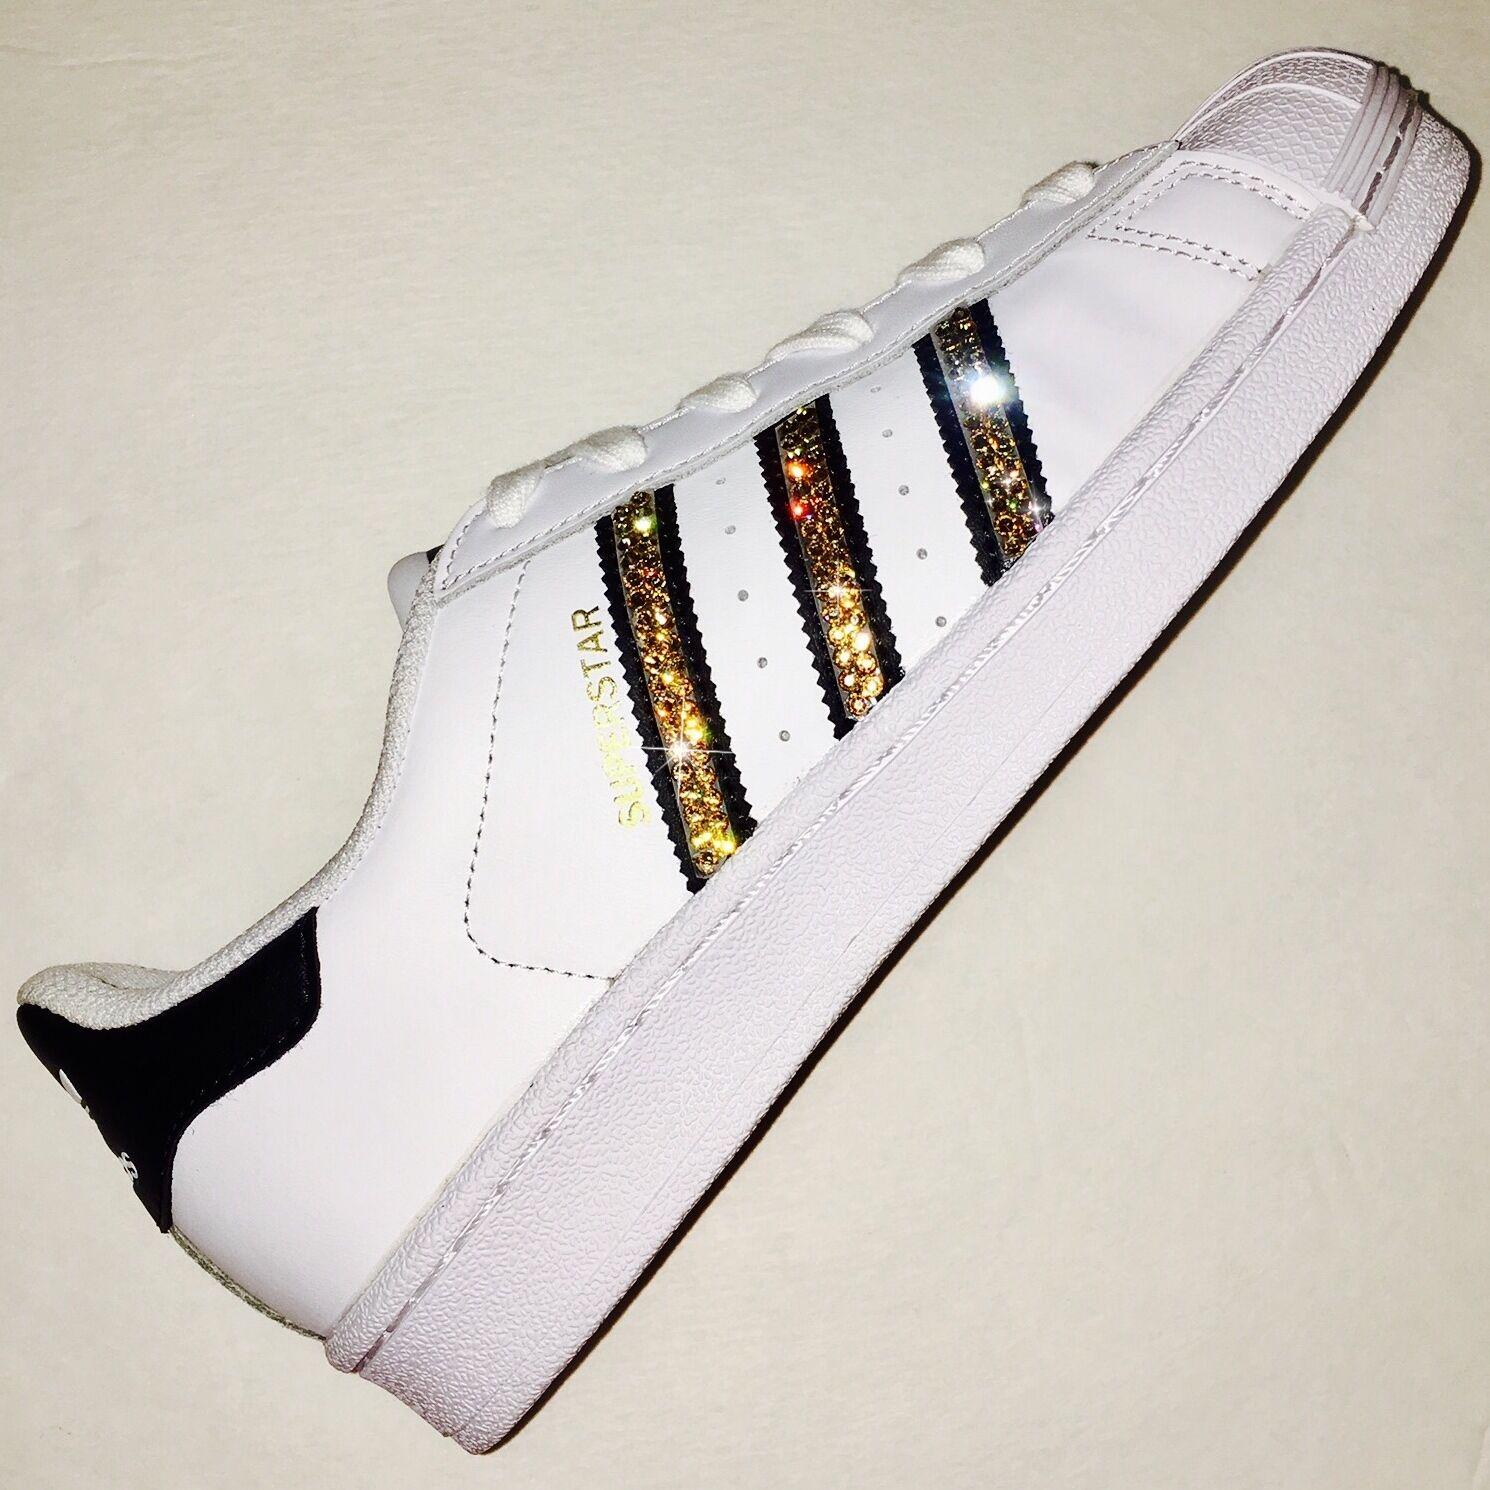 Bling Zapatos Adidas mujer con cristales de Swarovski Originales Superstar negro con oro